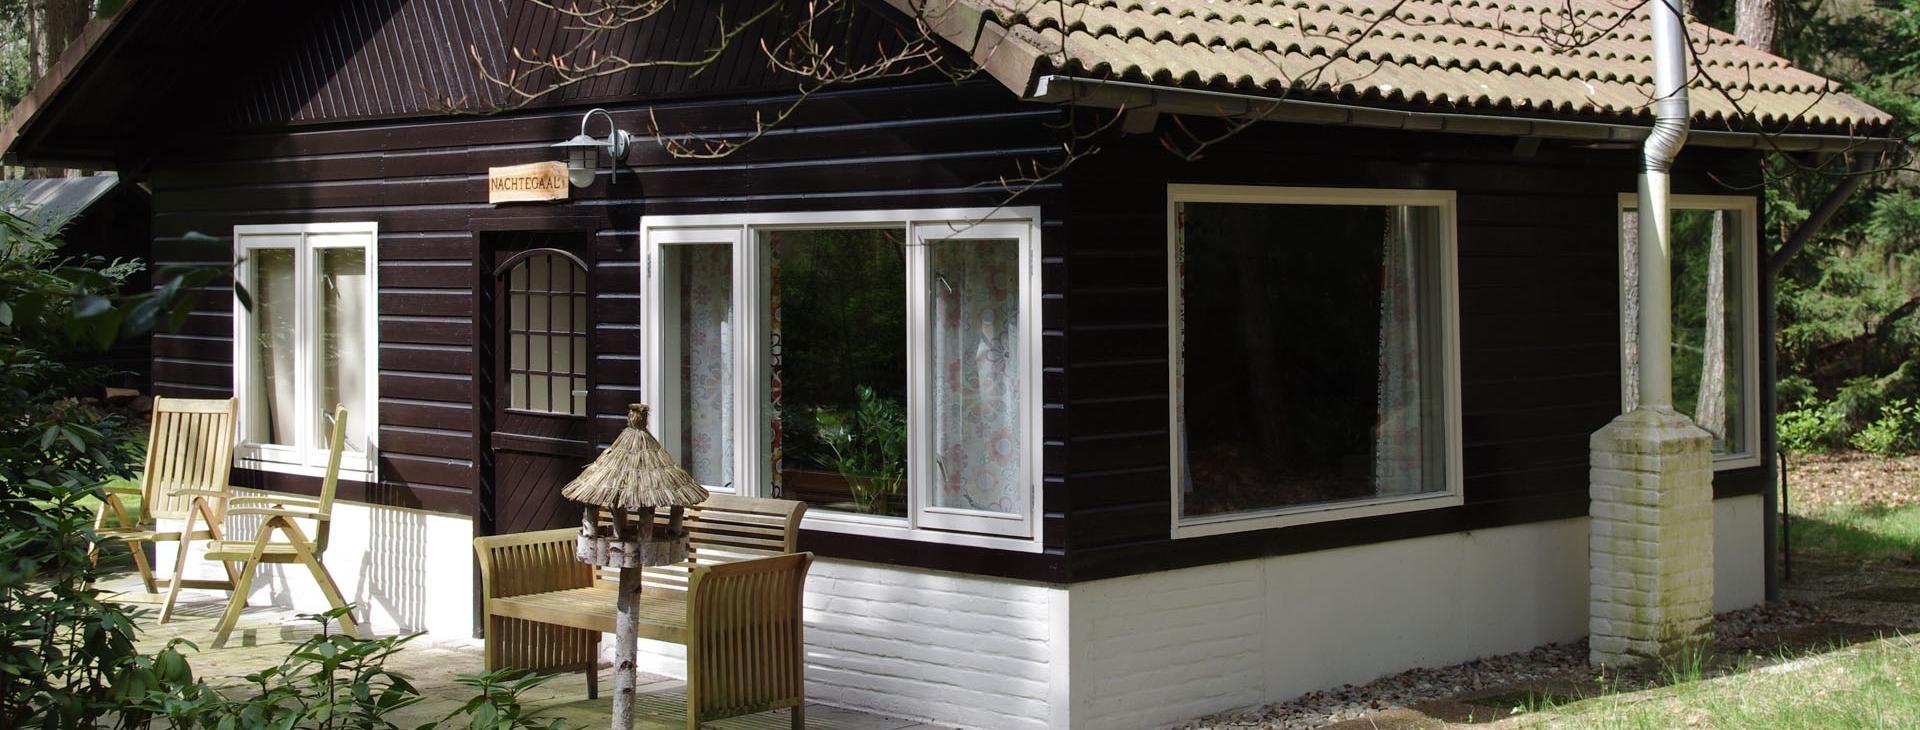 slider-het-kleine-huisje-op-de-veluwe-720-2